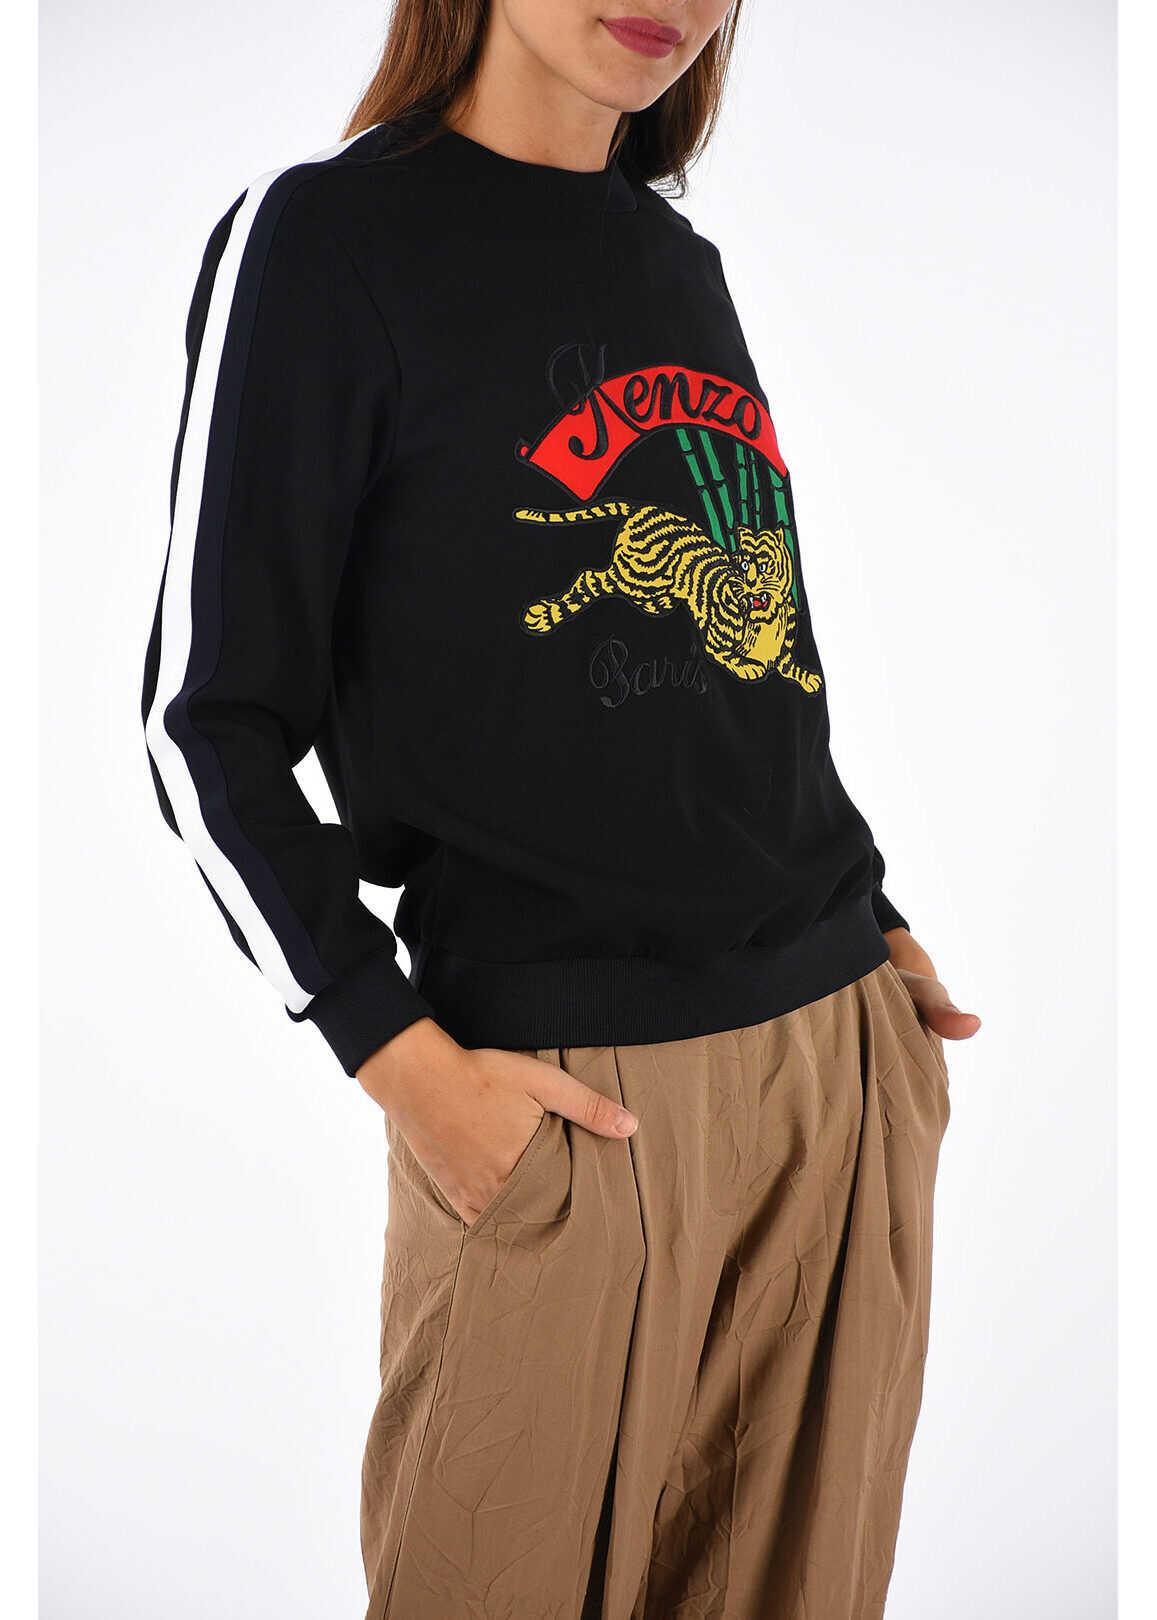 Kenzo Sweatshirt Jumpinp Tiger BLACK